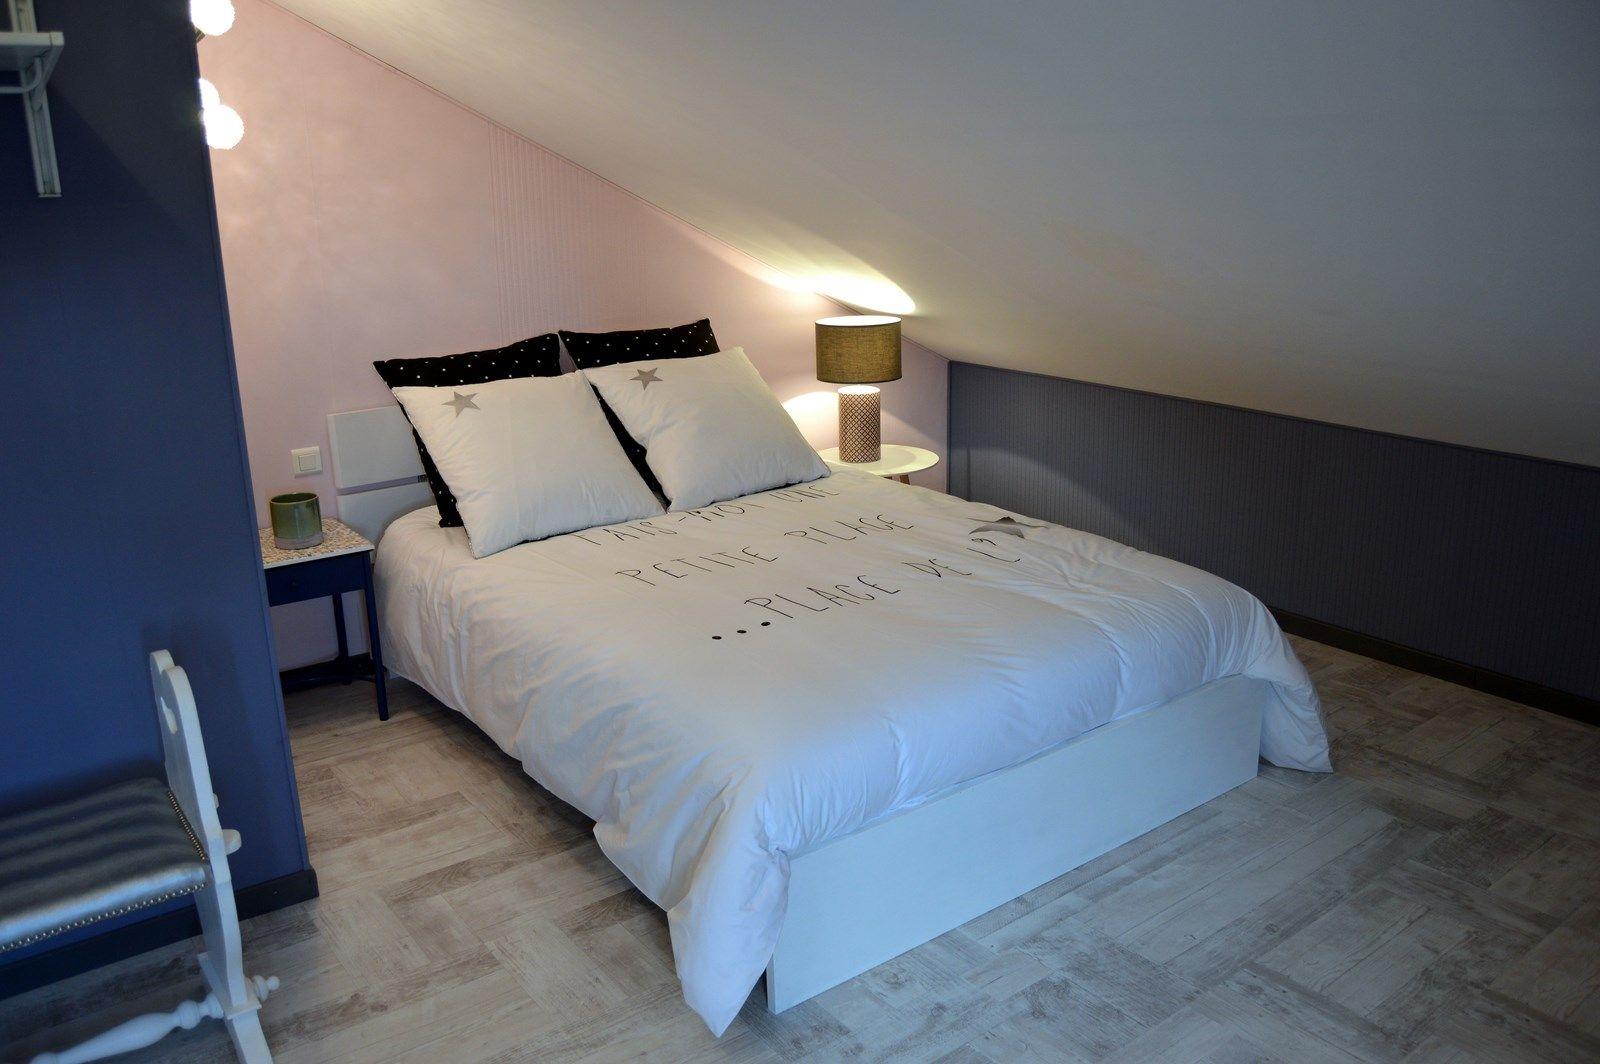 81b6a858fa3 Suite familiale à l étage comprenant une chambre avec 1 lit de 140x200